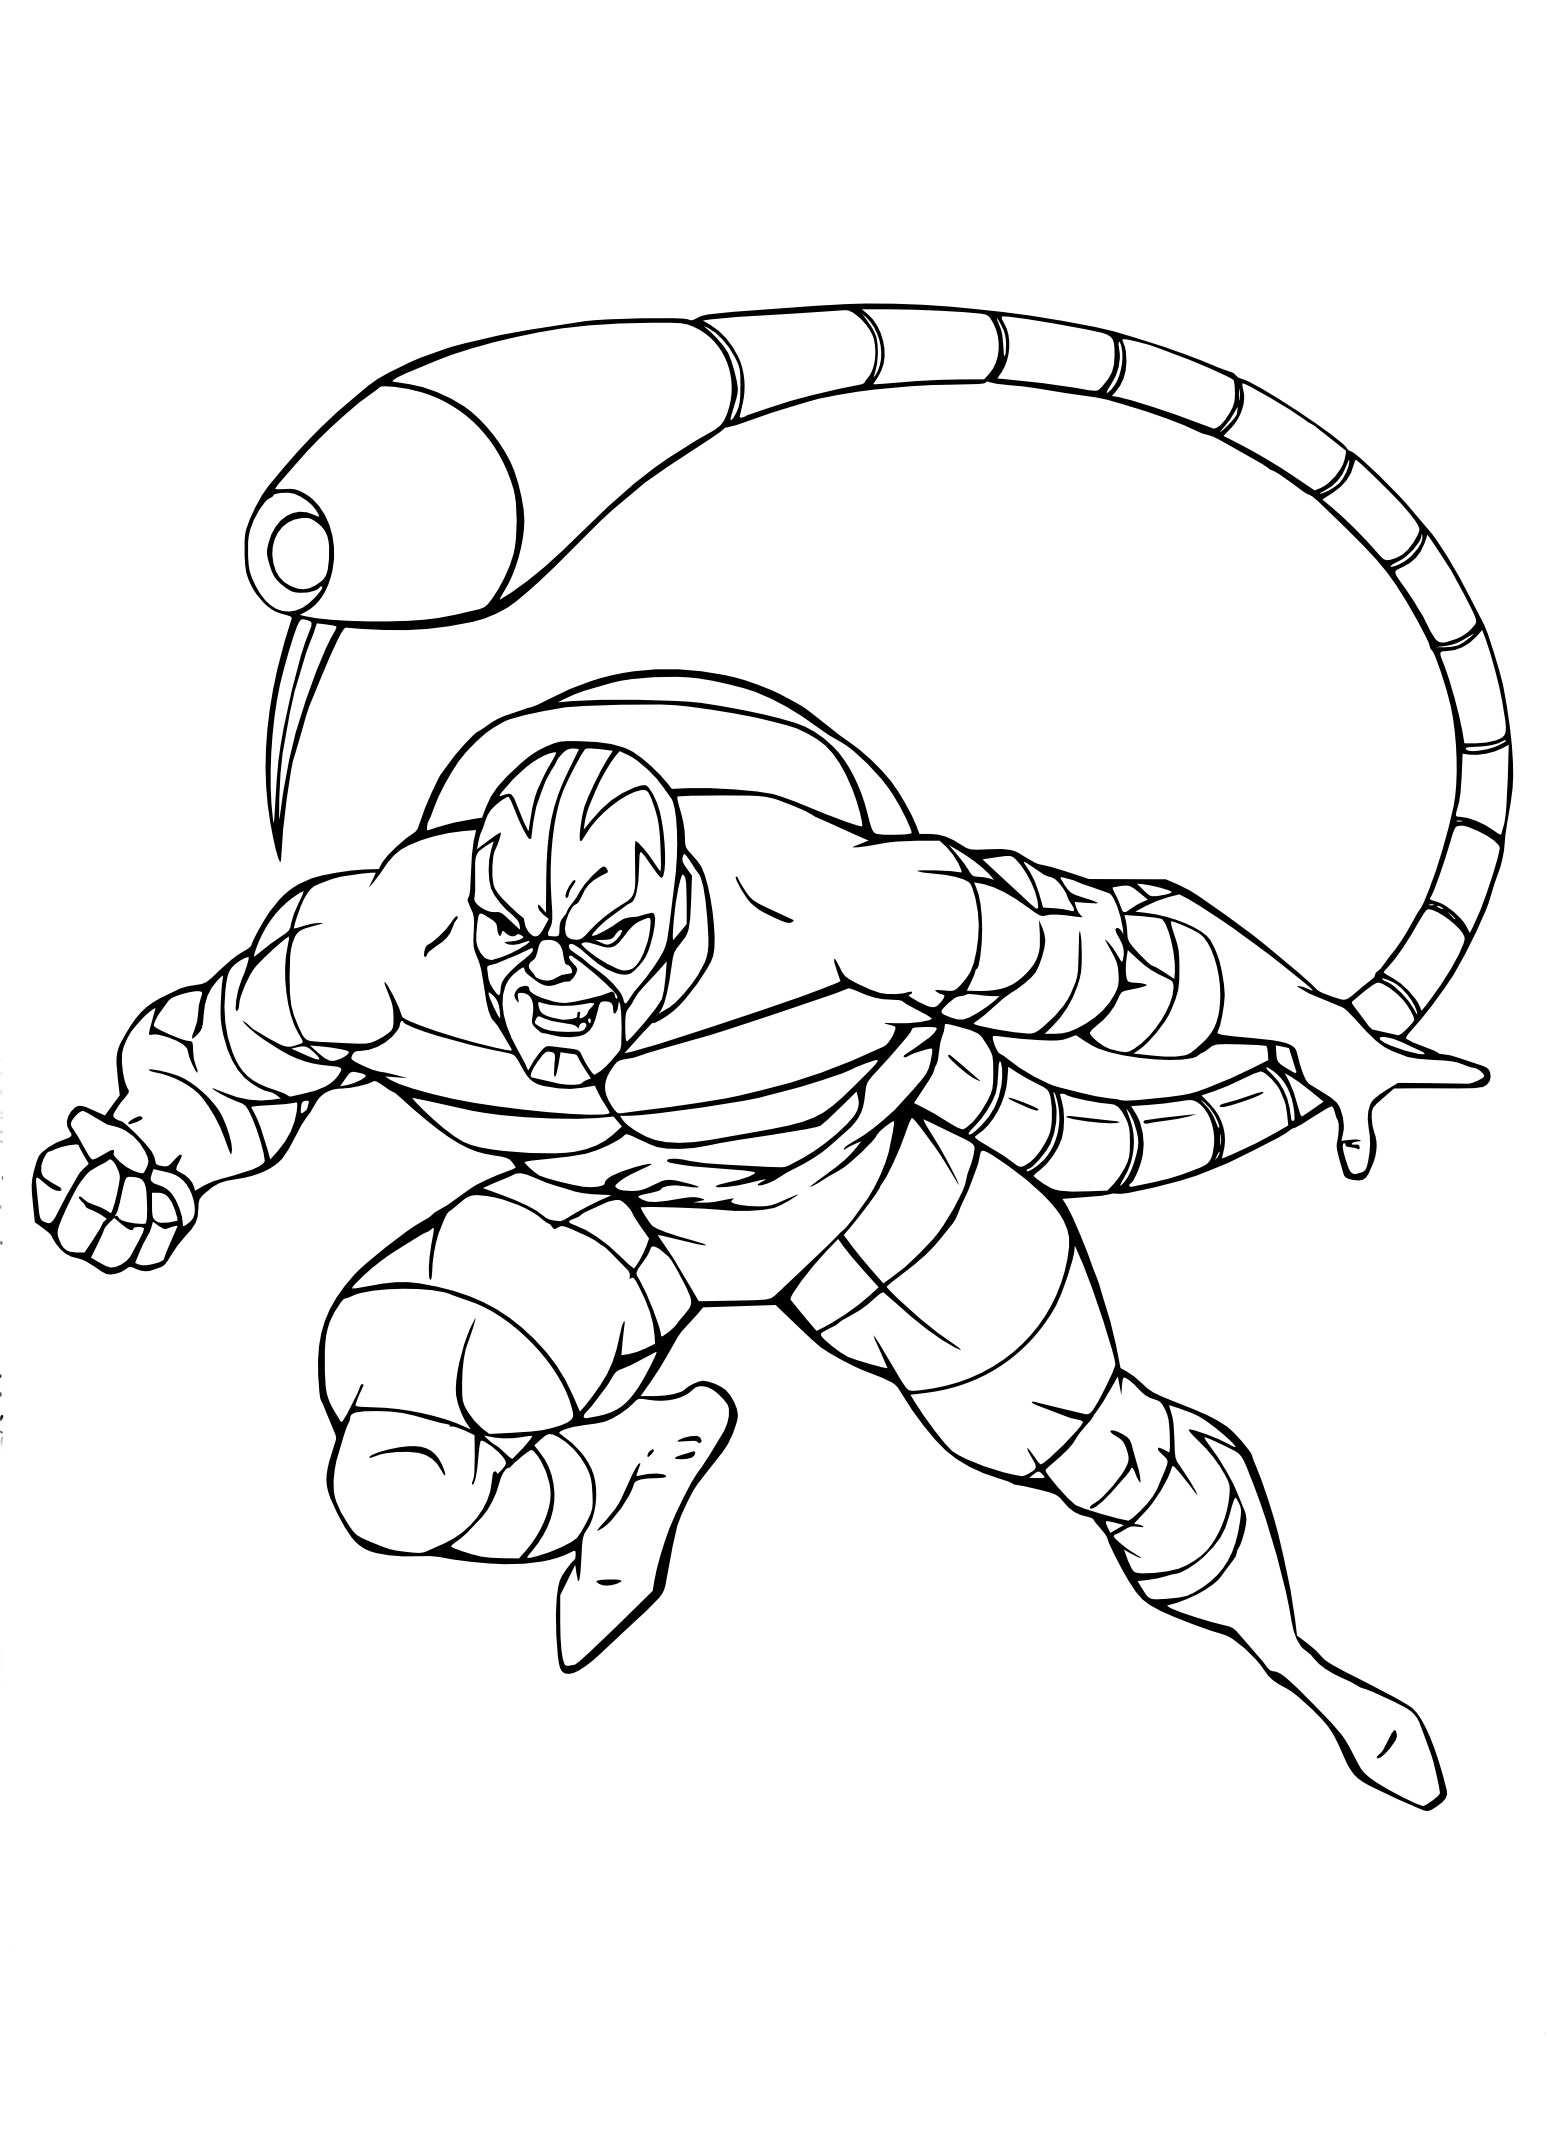 Coloriages à imprimer : Scorpion, numéro : ba656d95